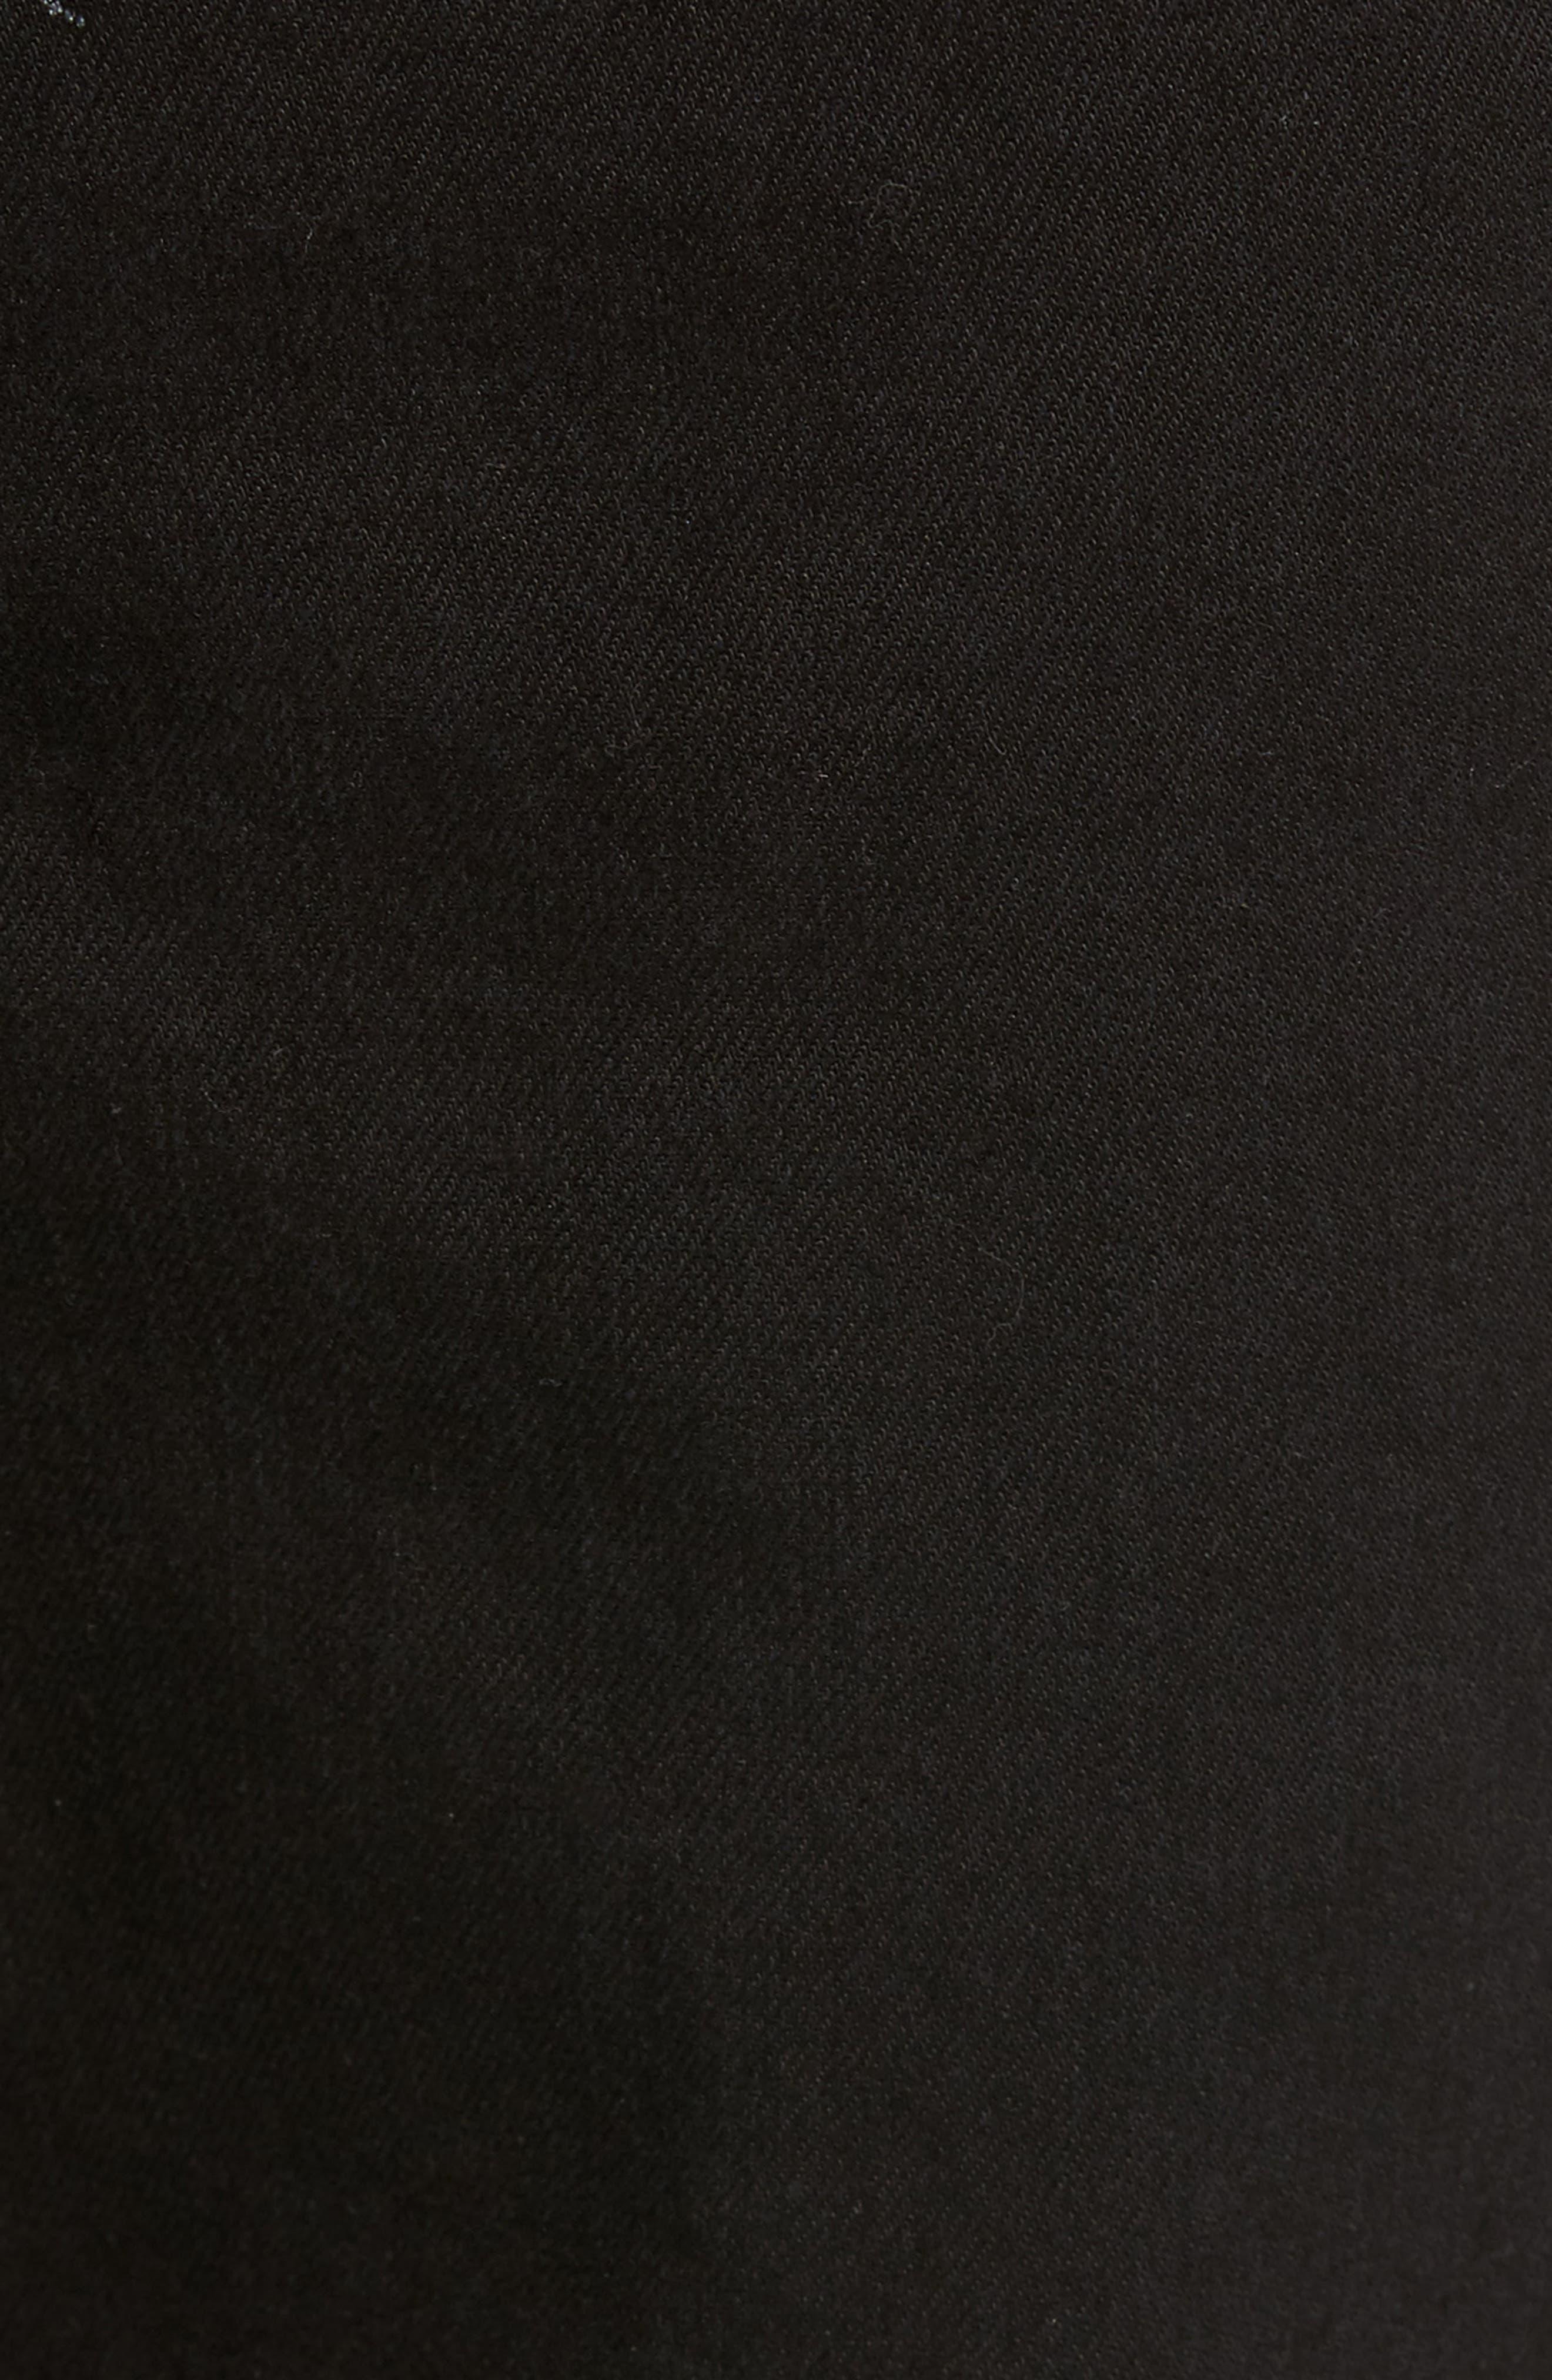 Sand Straight Leg Jeans,                             Alternate thumbnail 5, color,                             BLACK OVERDYE